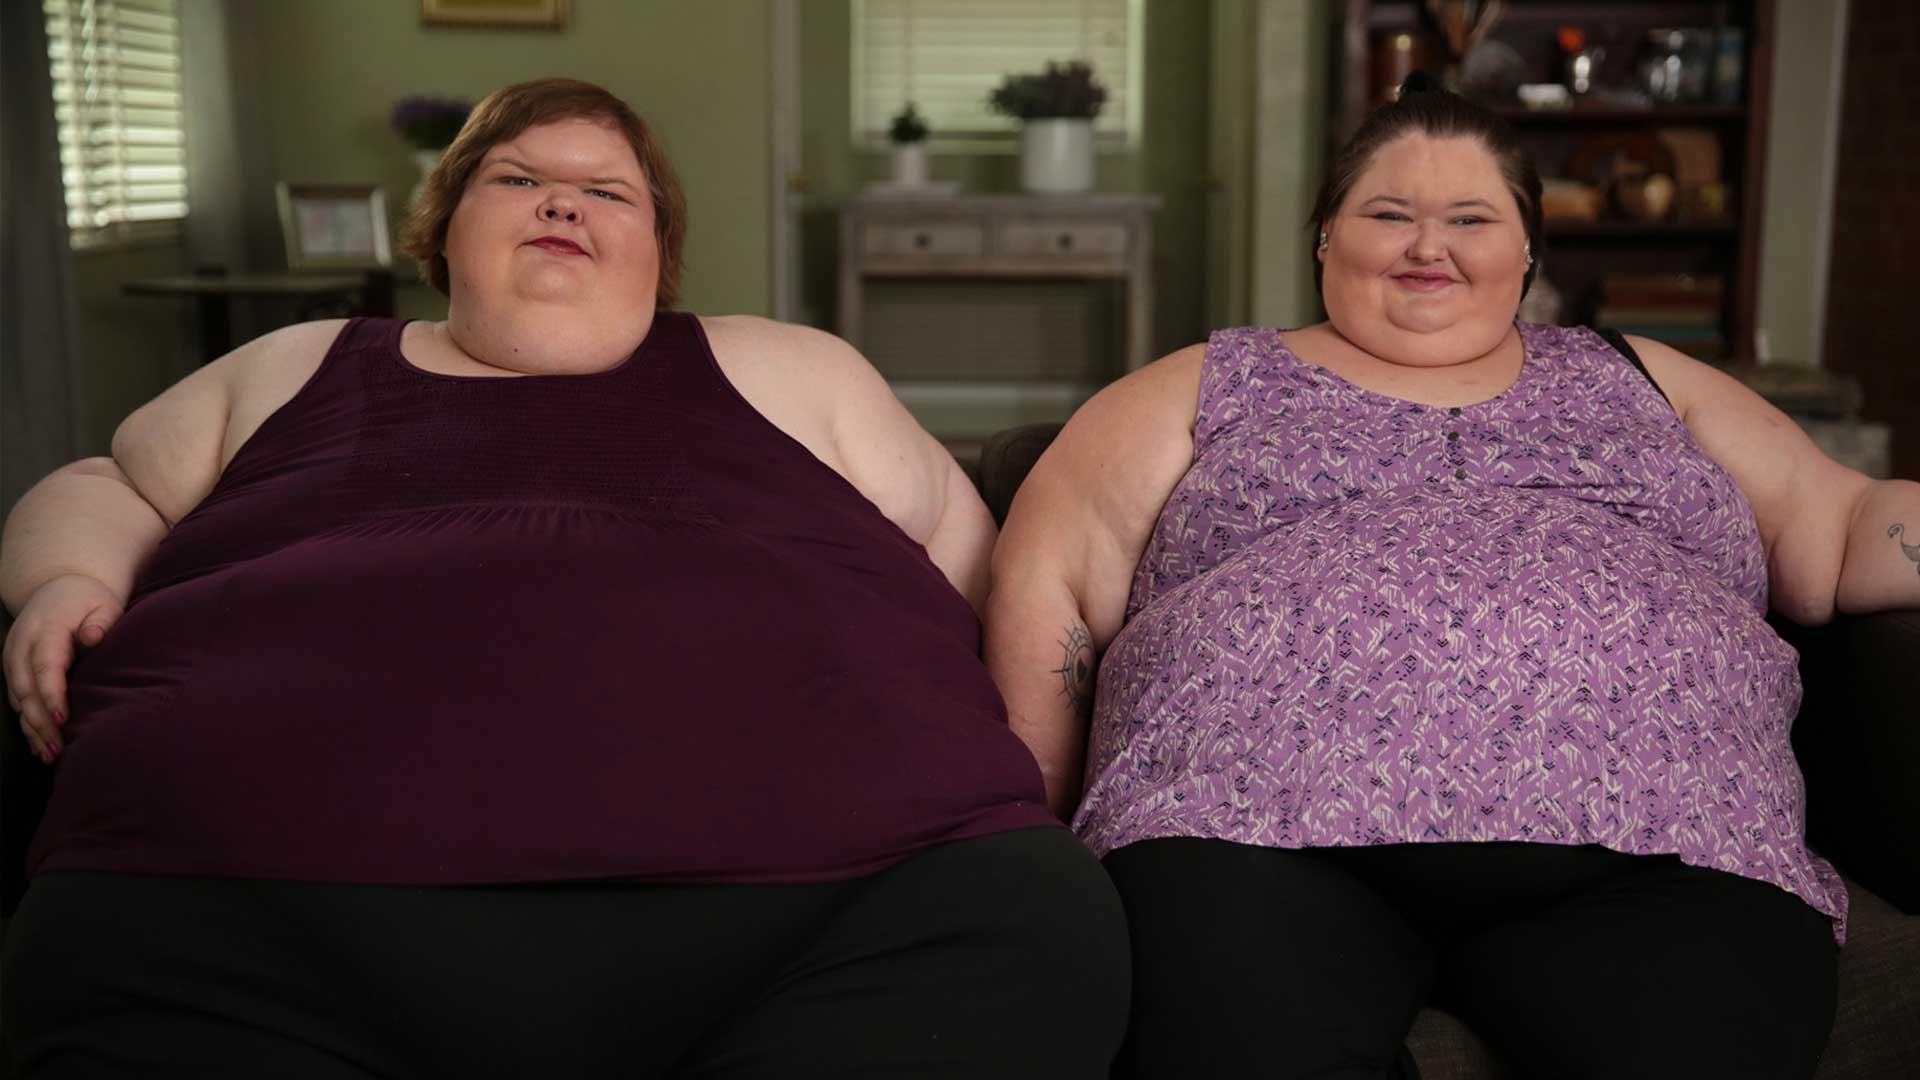 El programa muestra la historia de las youtubers estadounidenses Amy y Tammy Slaton